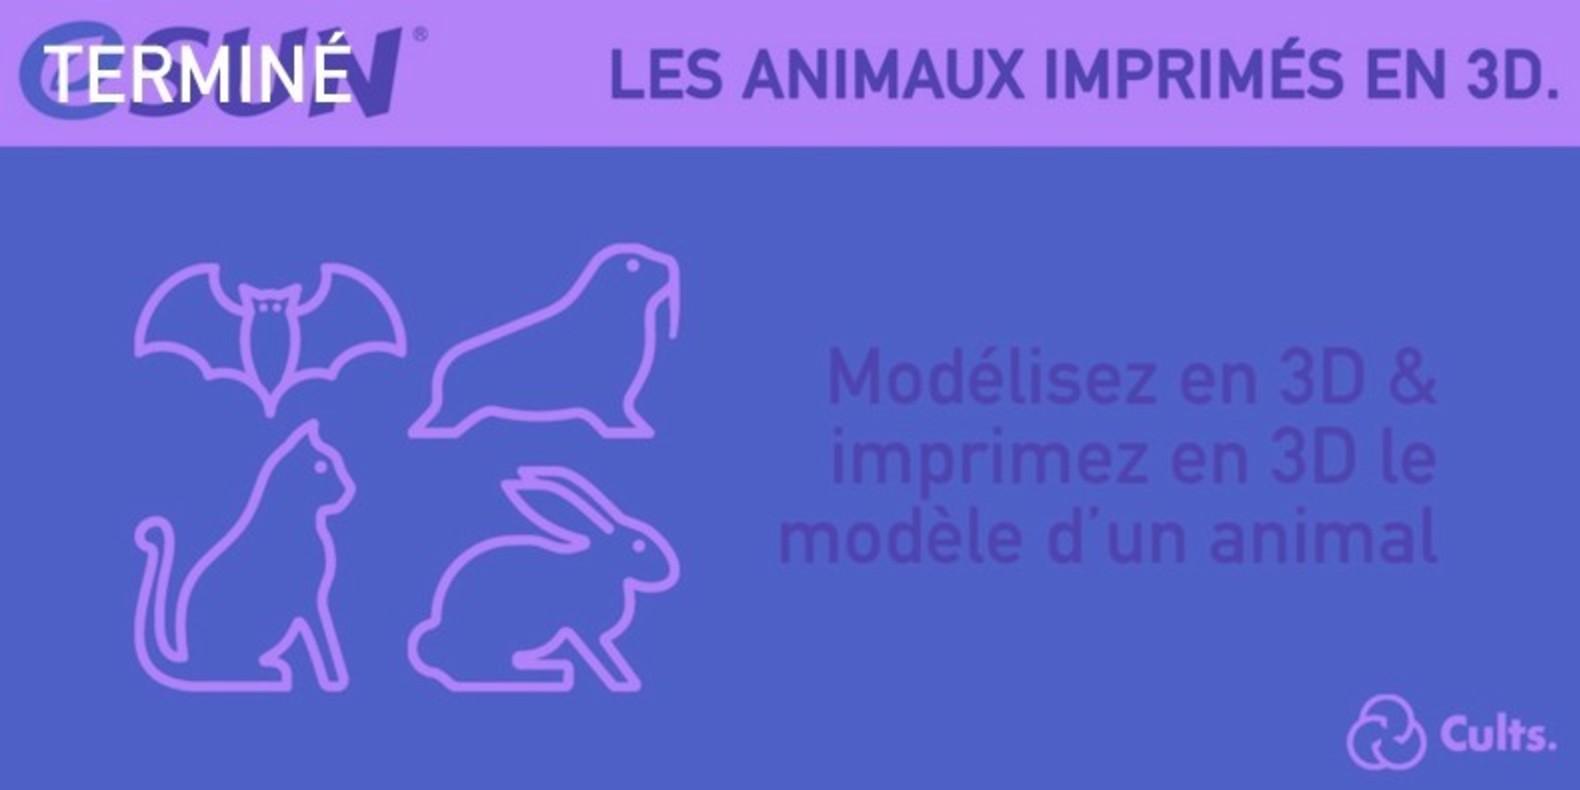 Le challenge du design et de l'impression 3D au sujet des Animaux